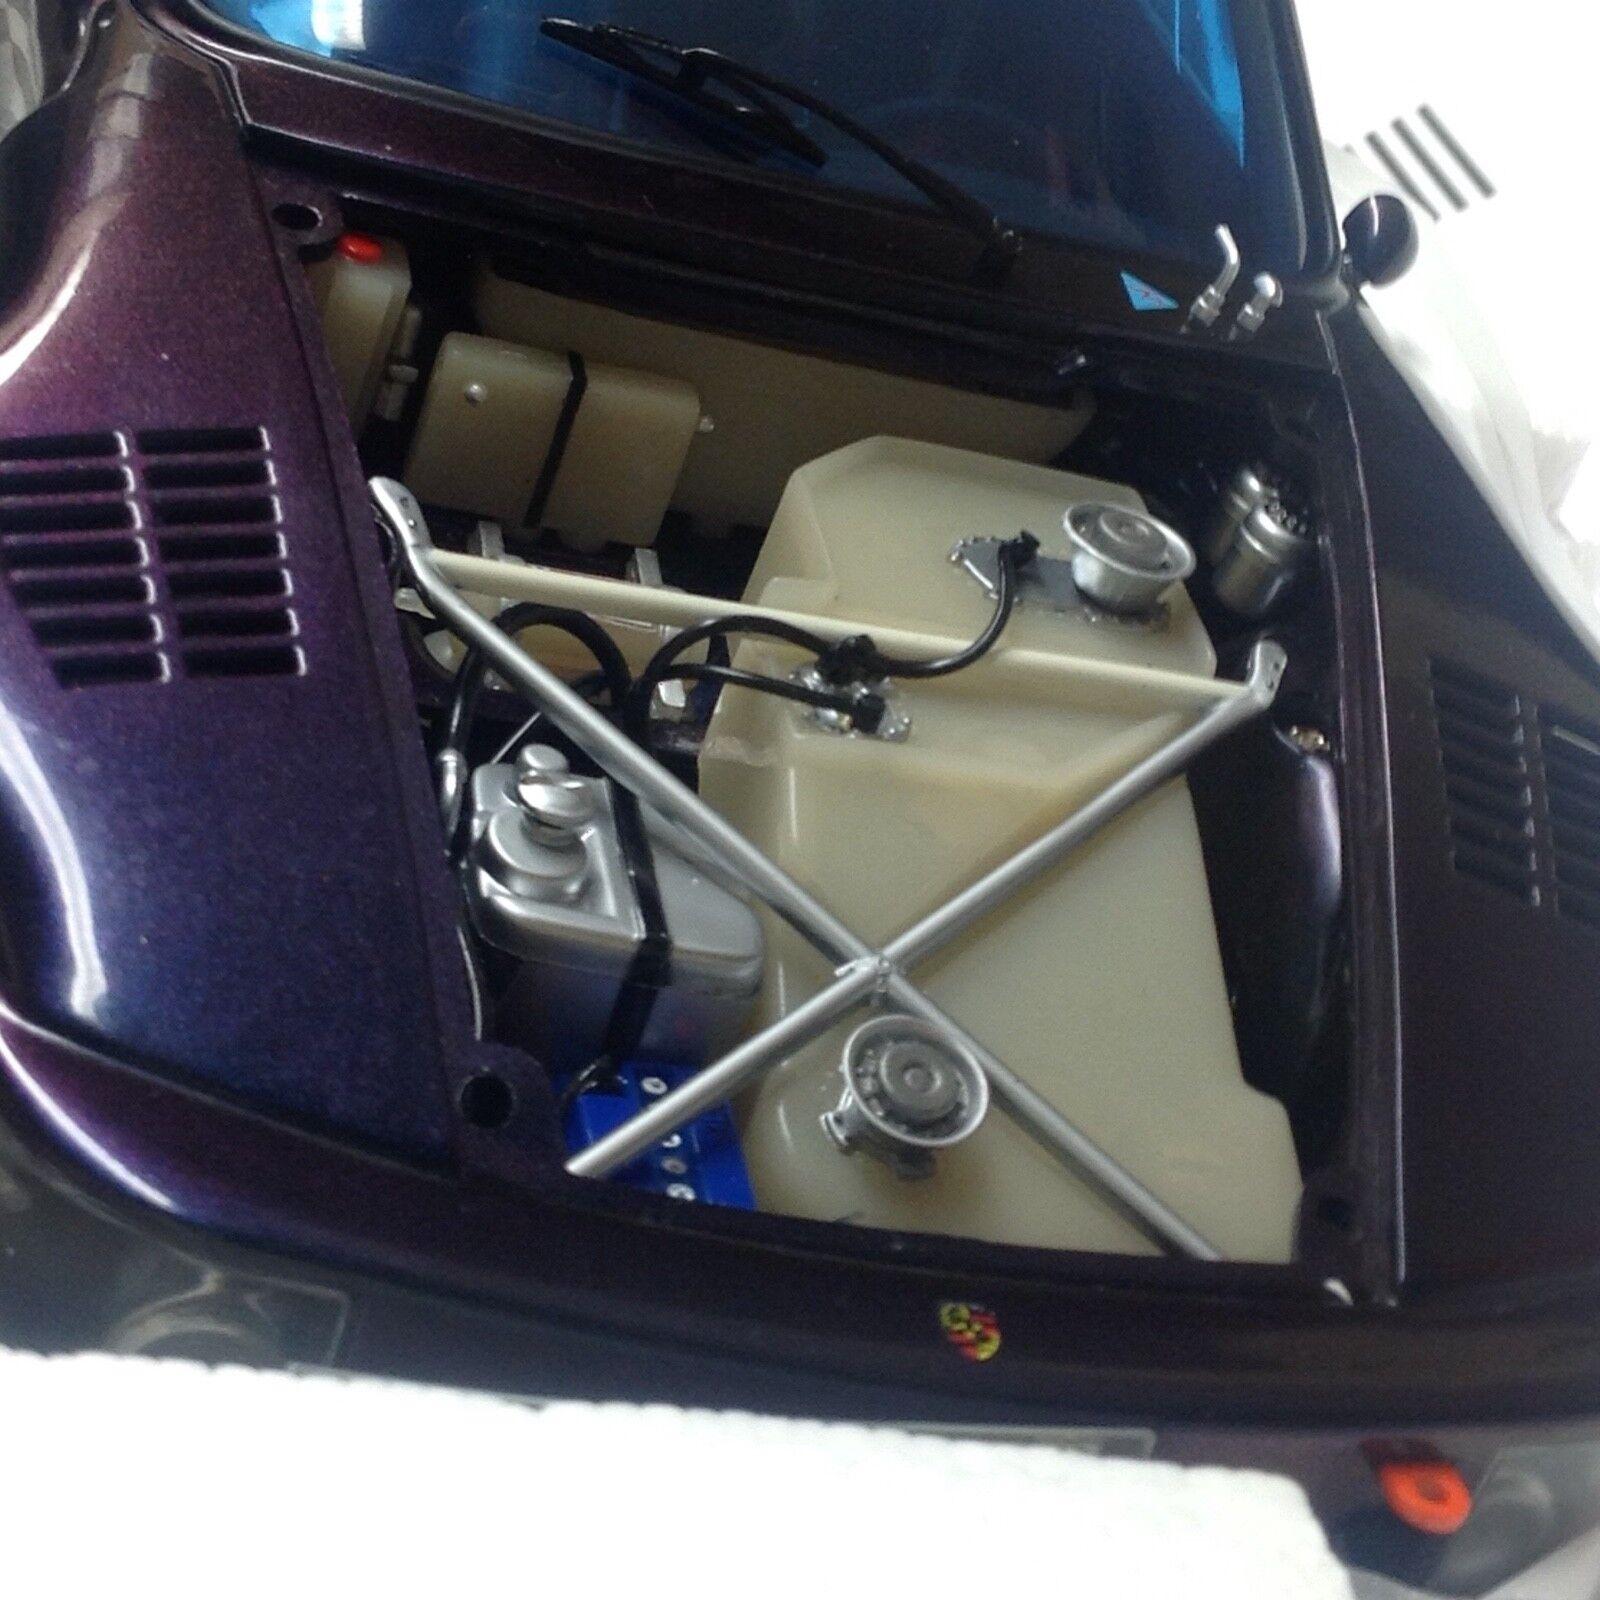 Exoto Porsche 935 turbo Street Monte Carlo Magic Standox 1 18 nuevo 11120 rare 911